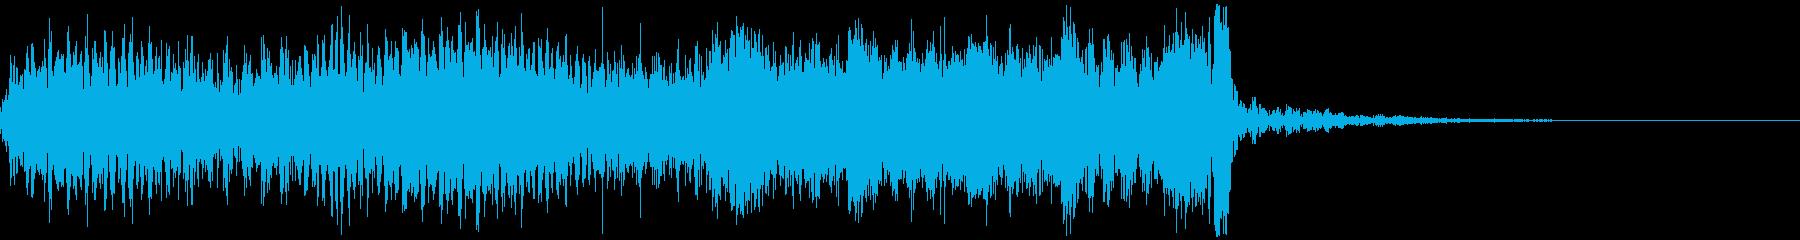 サウンドロゴ、イベント、セール告知、5秒の再生済みの波形